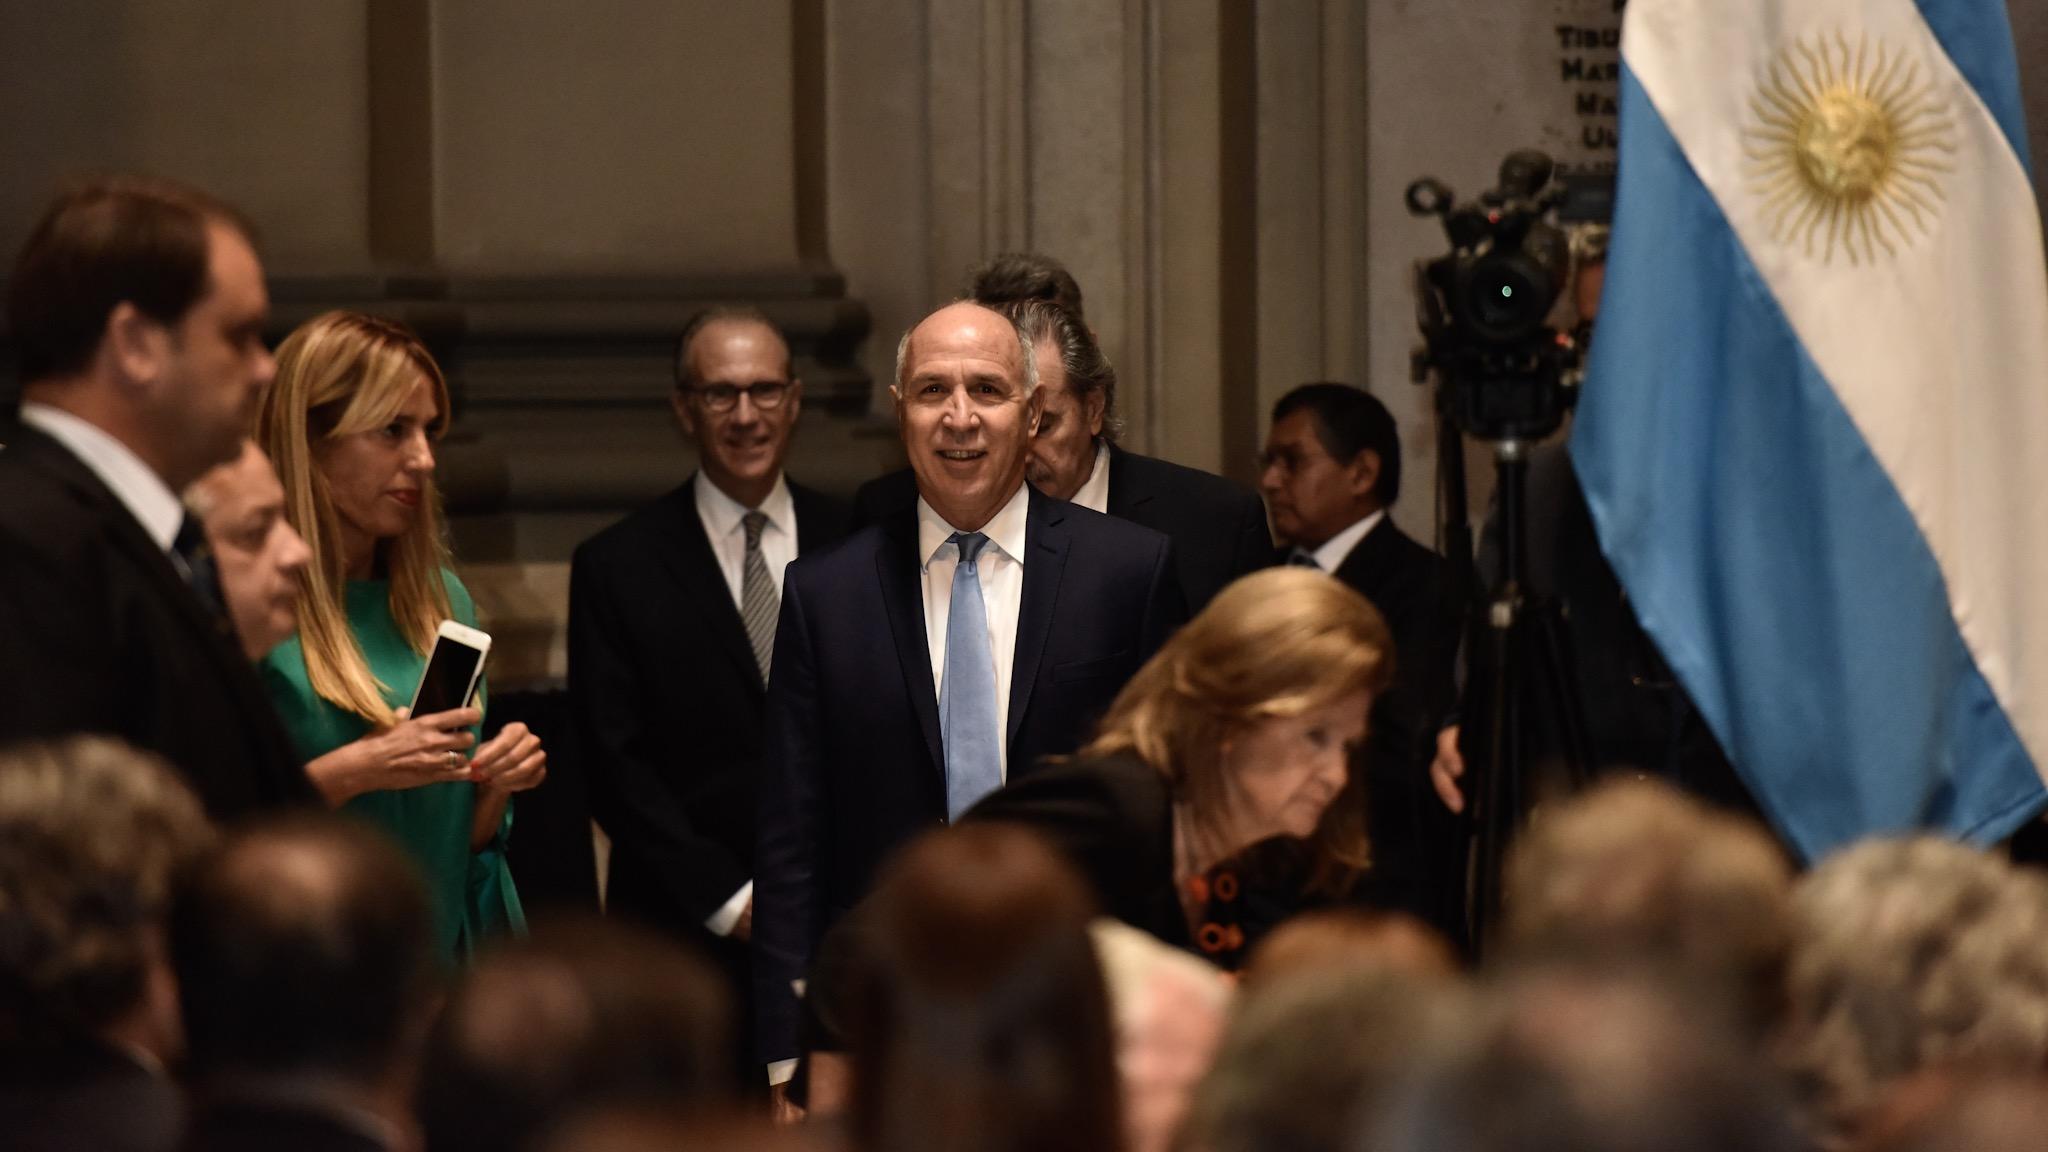 El presidente de la Corte Suprema, Ricardo Lorenzetti, fue el encargado de explicar los lineamientos de la reforma judicial que impulsa el máximo tribunal